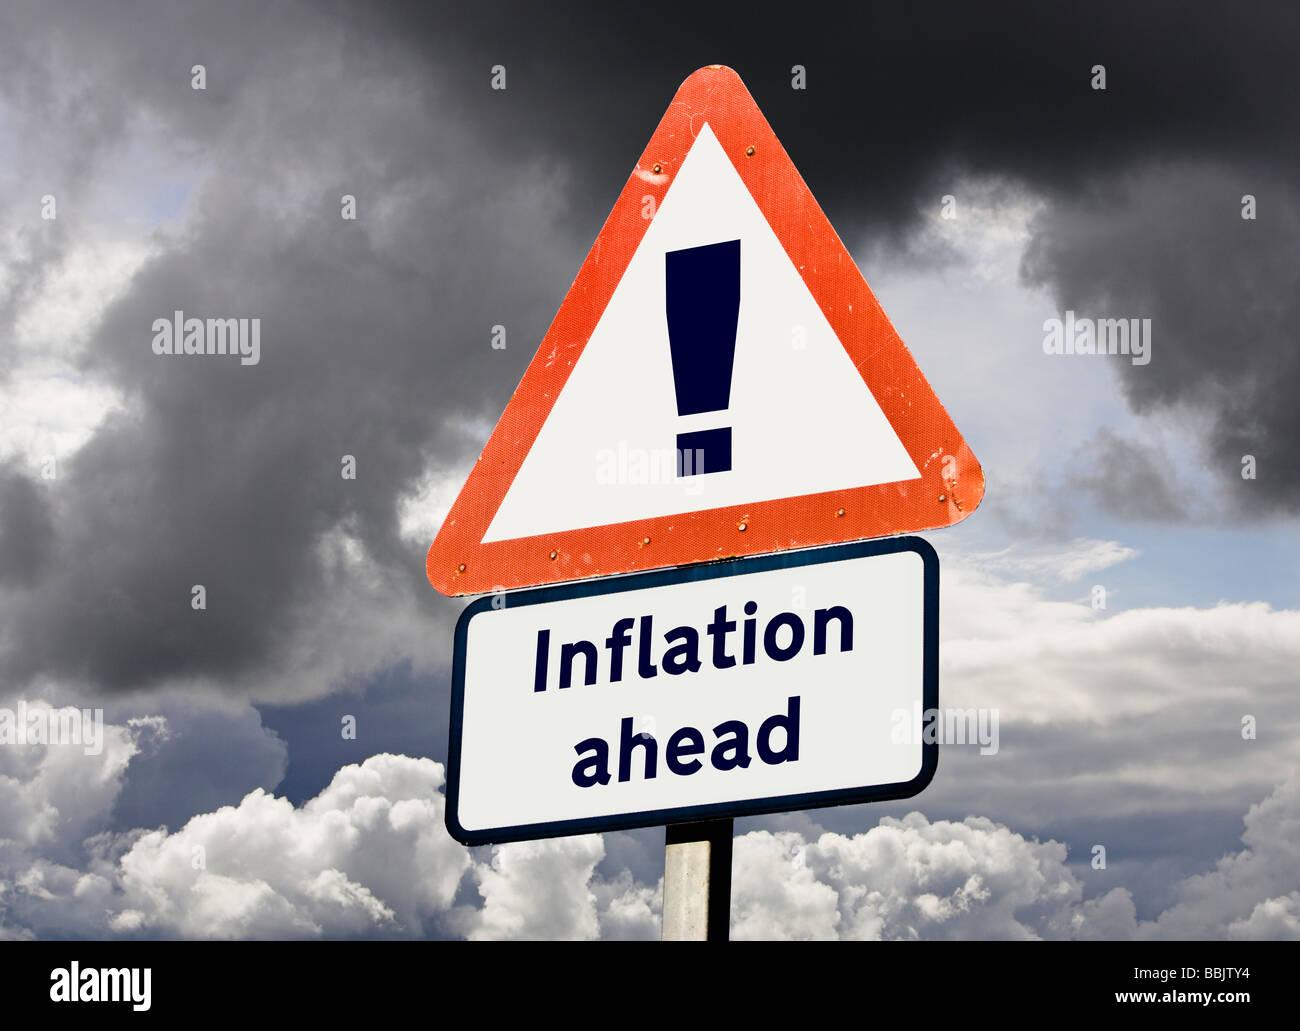 Concepto de signo que muestra la inflación suba delante - Predicción de futuro, de economía, de conceptos Imagen De Stock